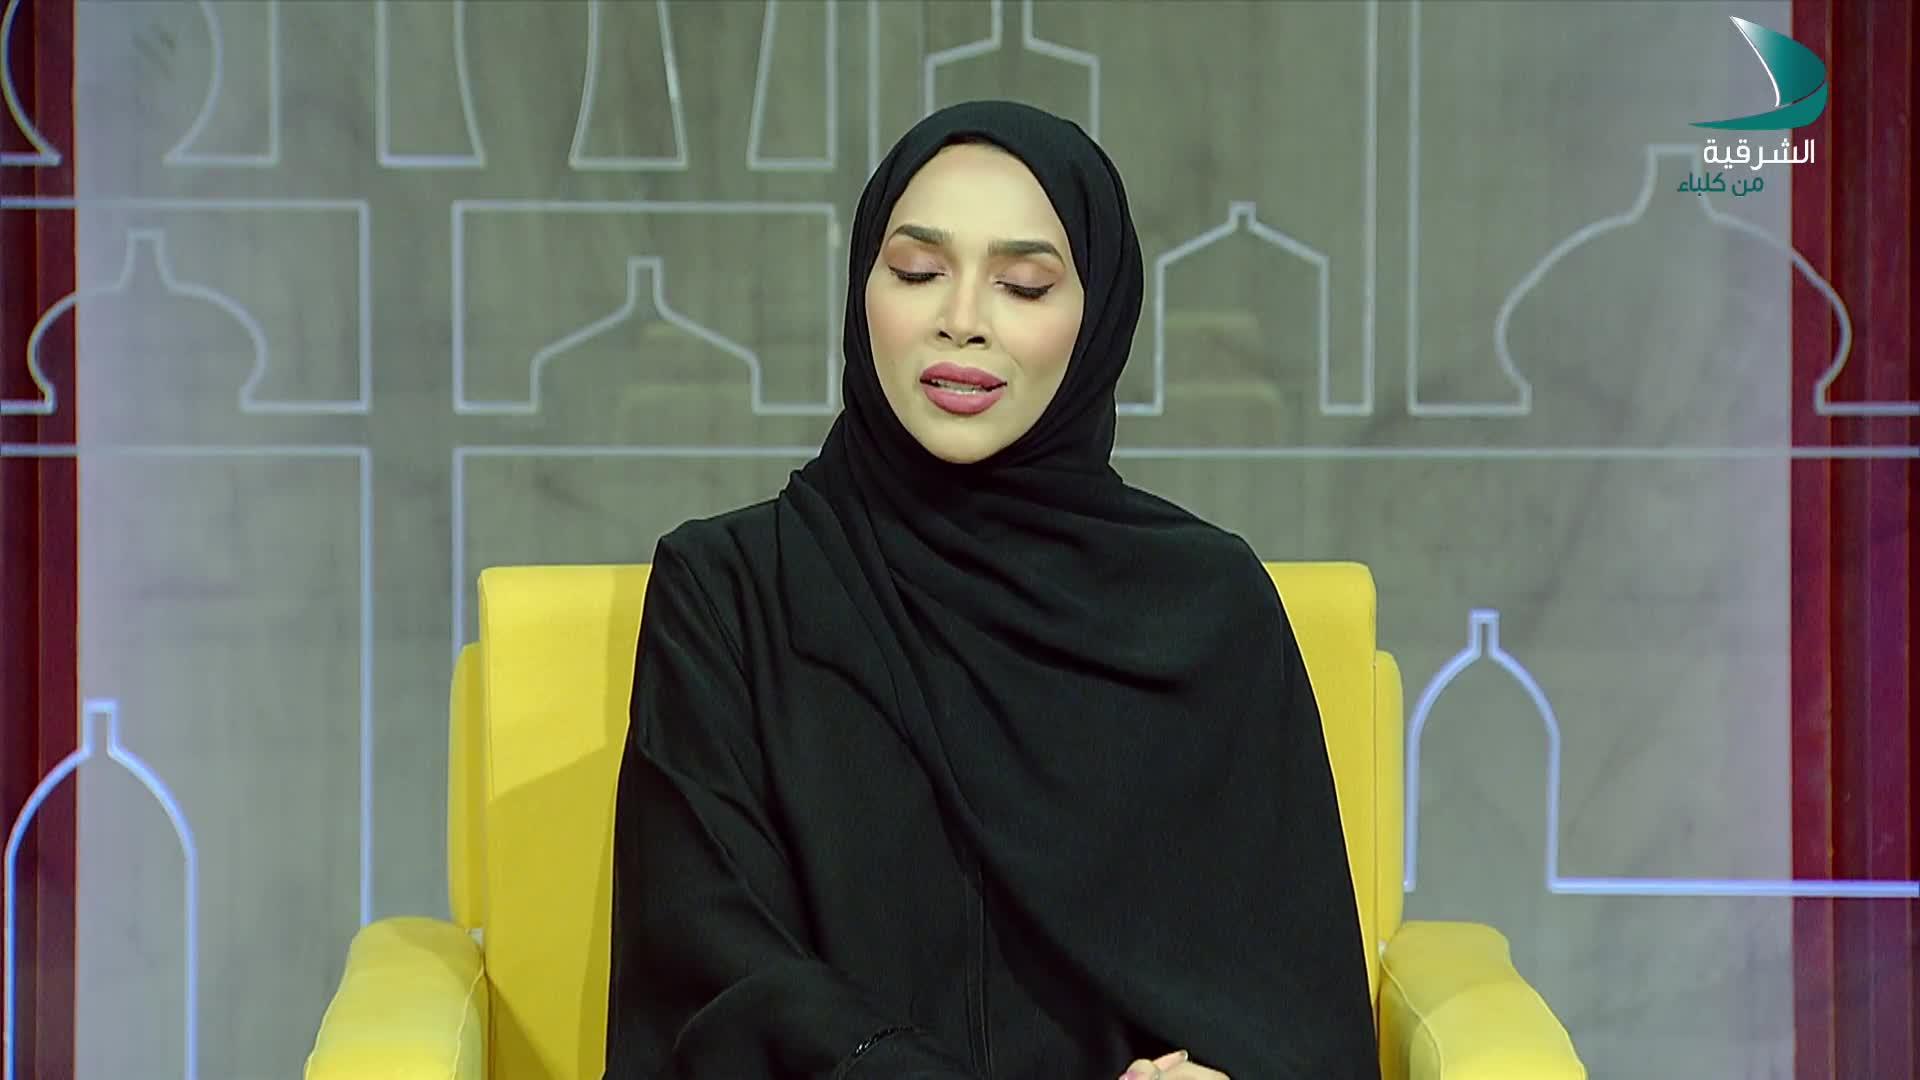 حديث المساء- فاطمة آل علي -مدرب فن الديكوباج